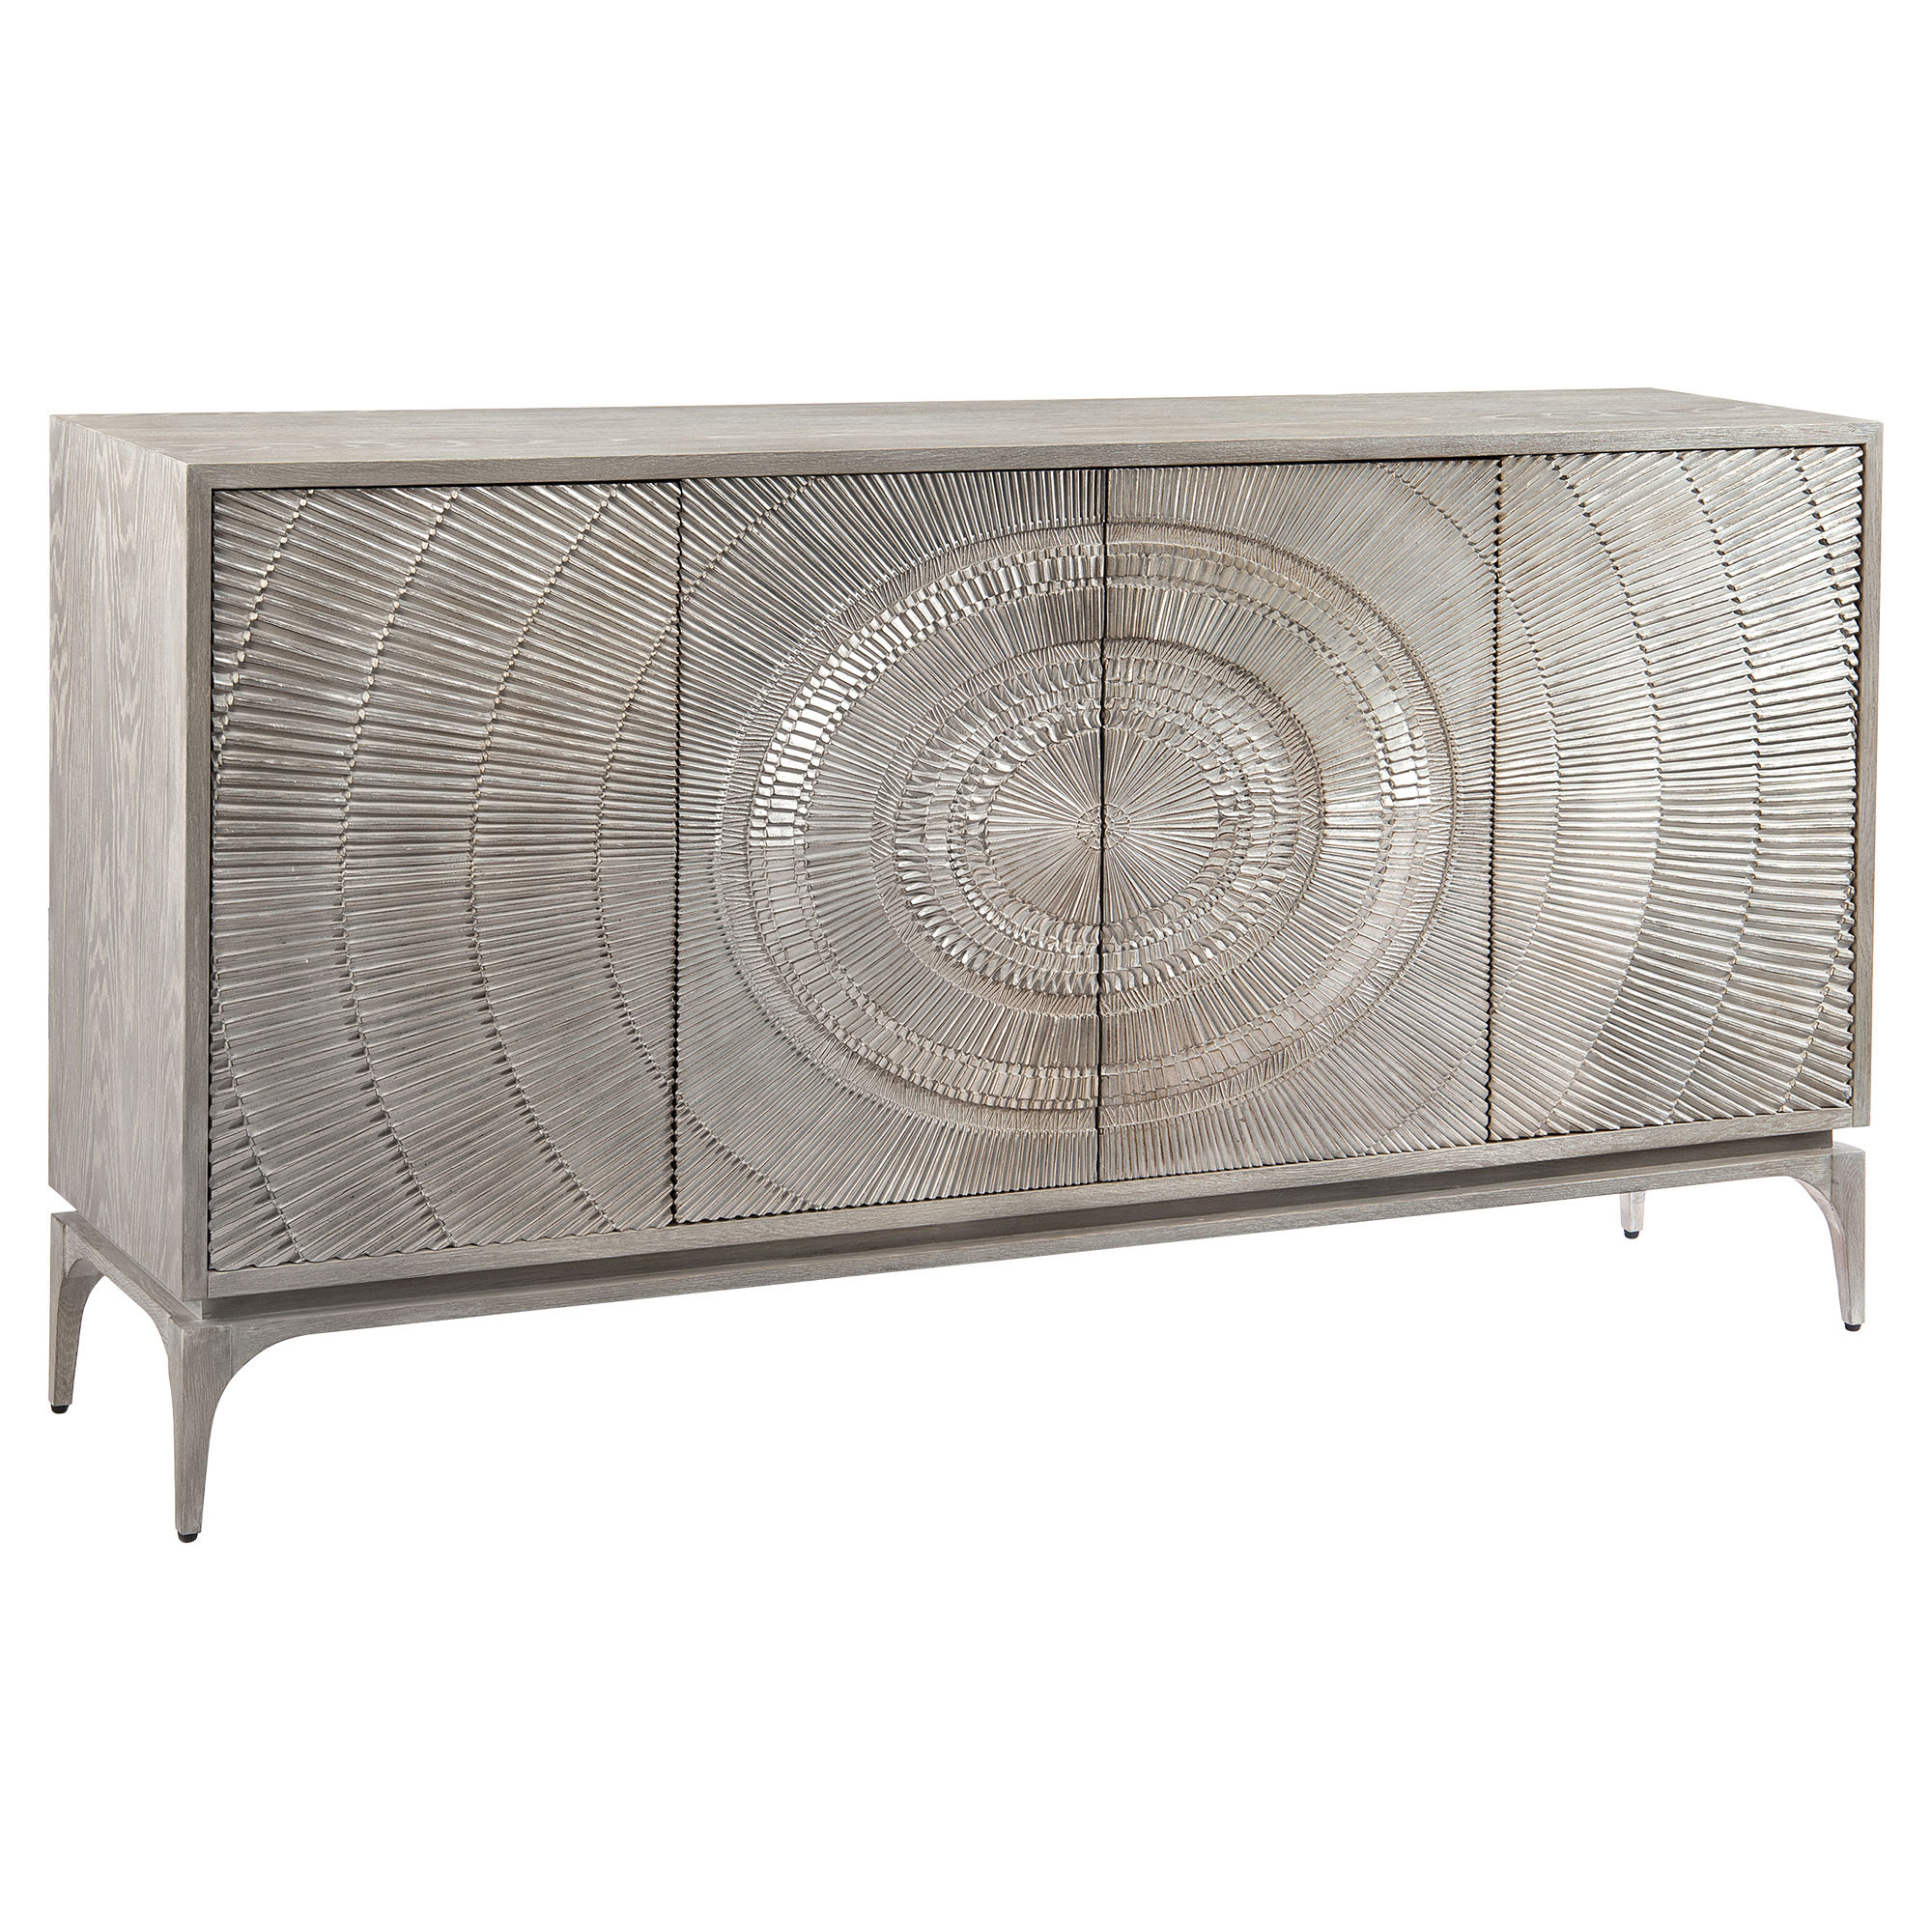 Laila Regency Radiating Silver Grey Oak Sideboard